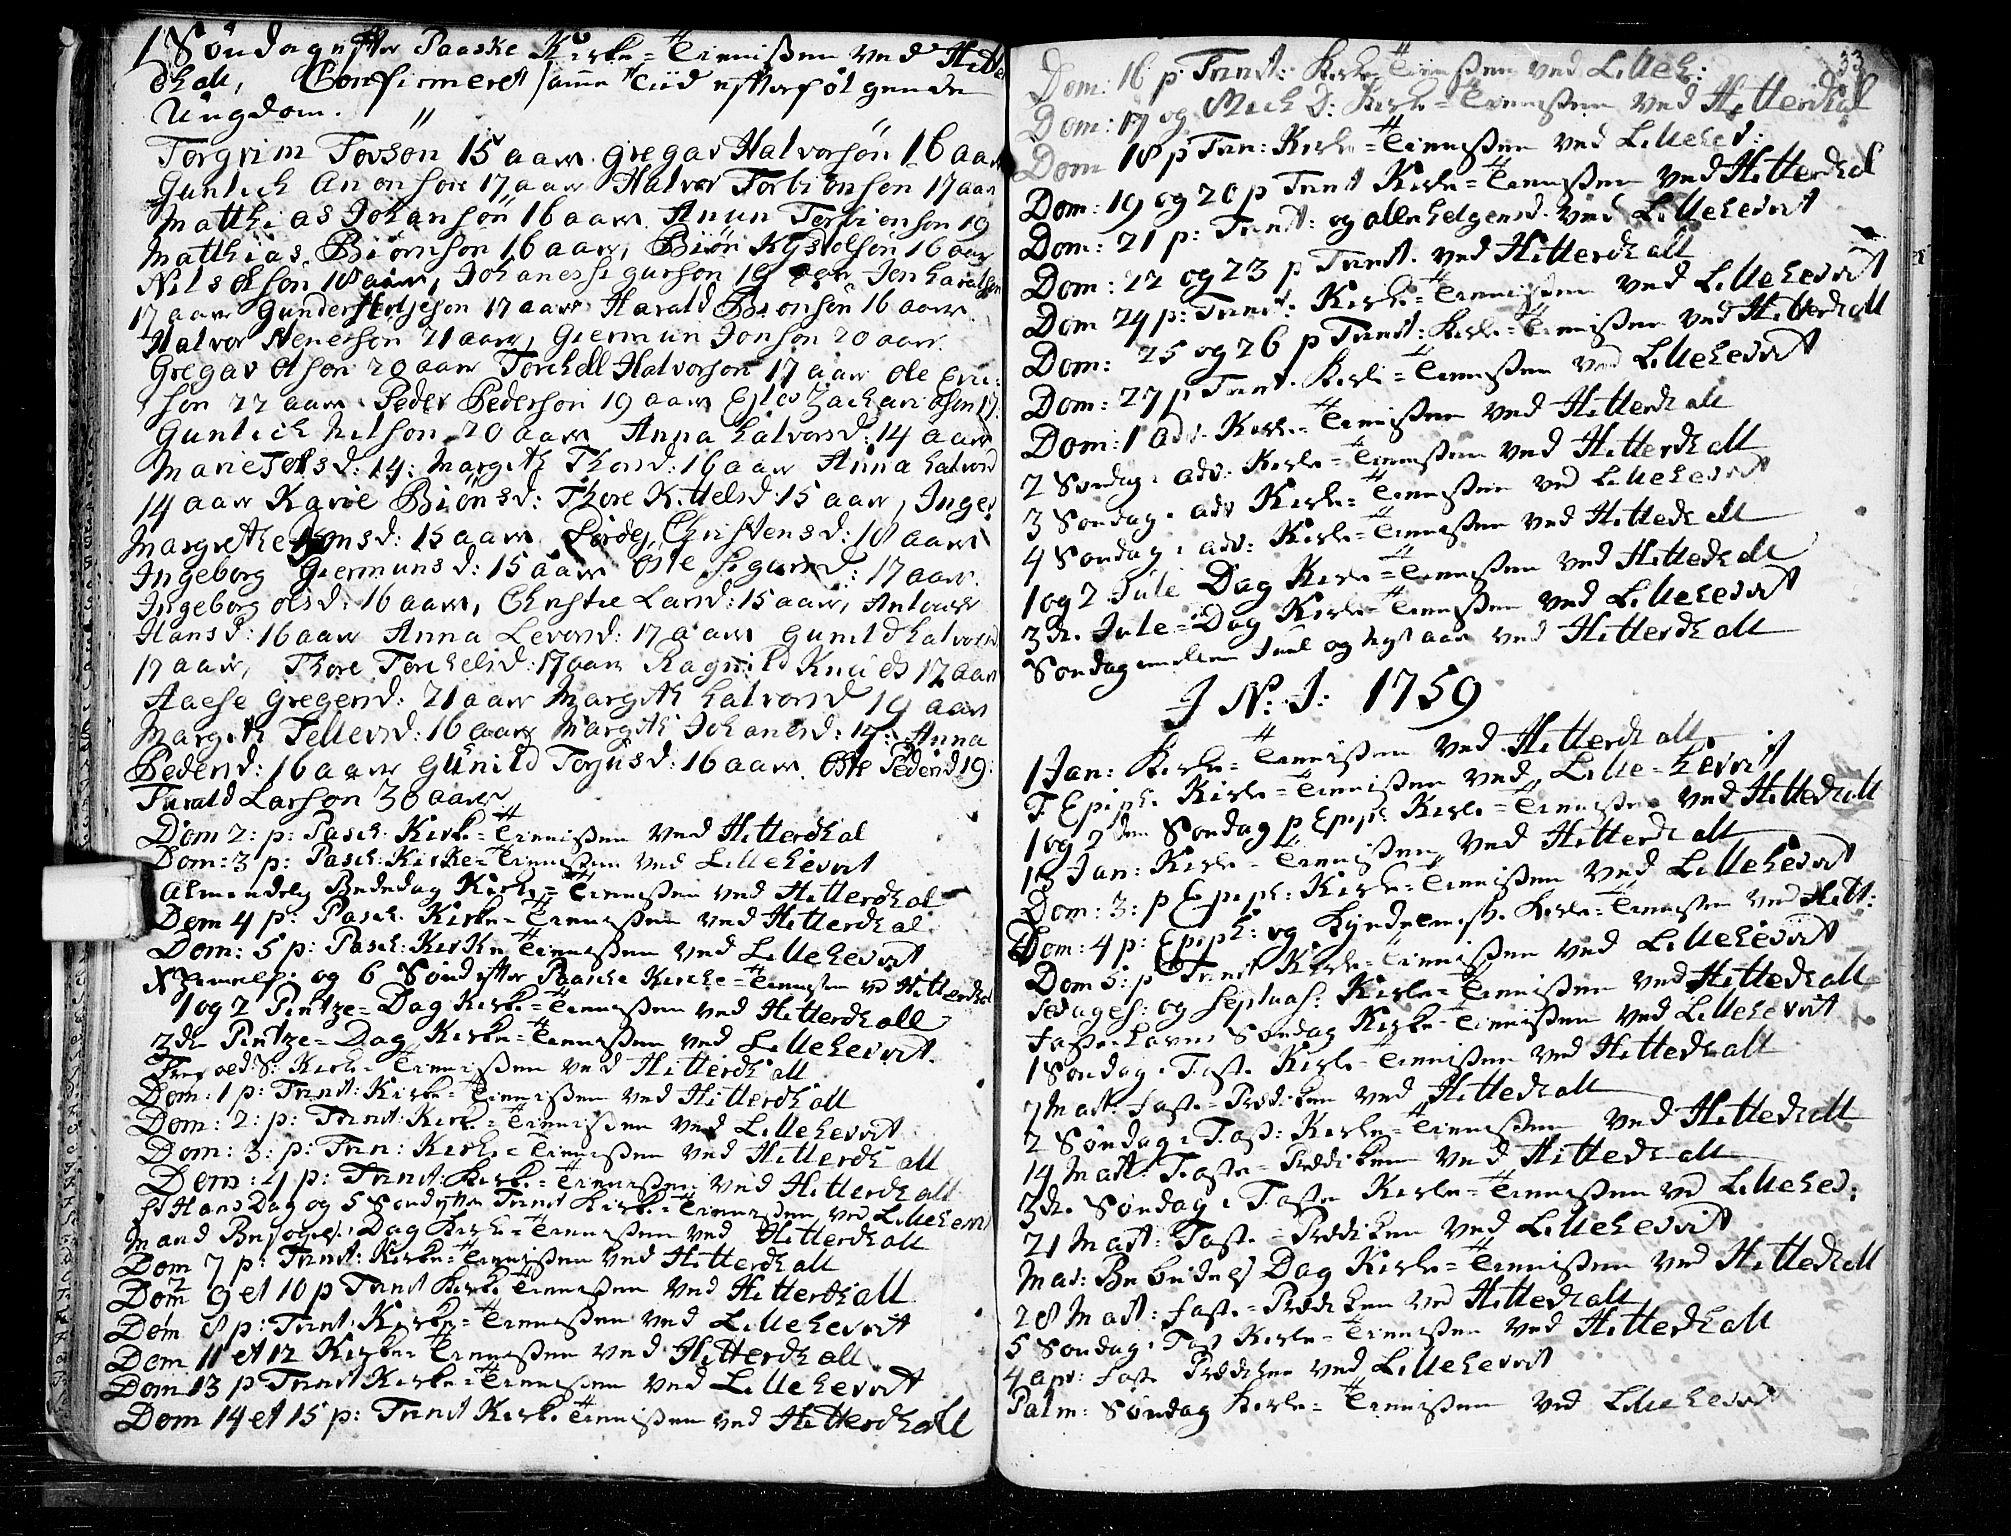 SAKO, Heddal kirkebøker, F/Fa/L0003: Ministerialbok nr. I 3, 1723-1783, s. 33